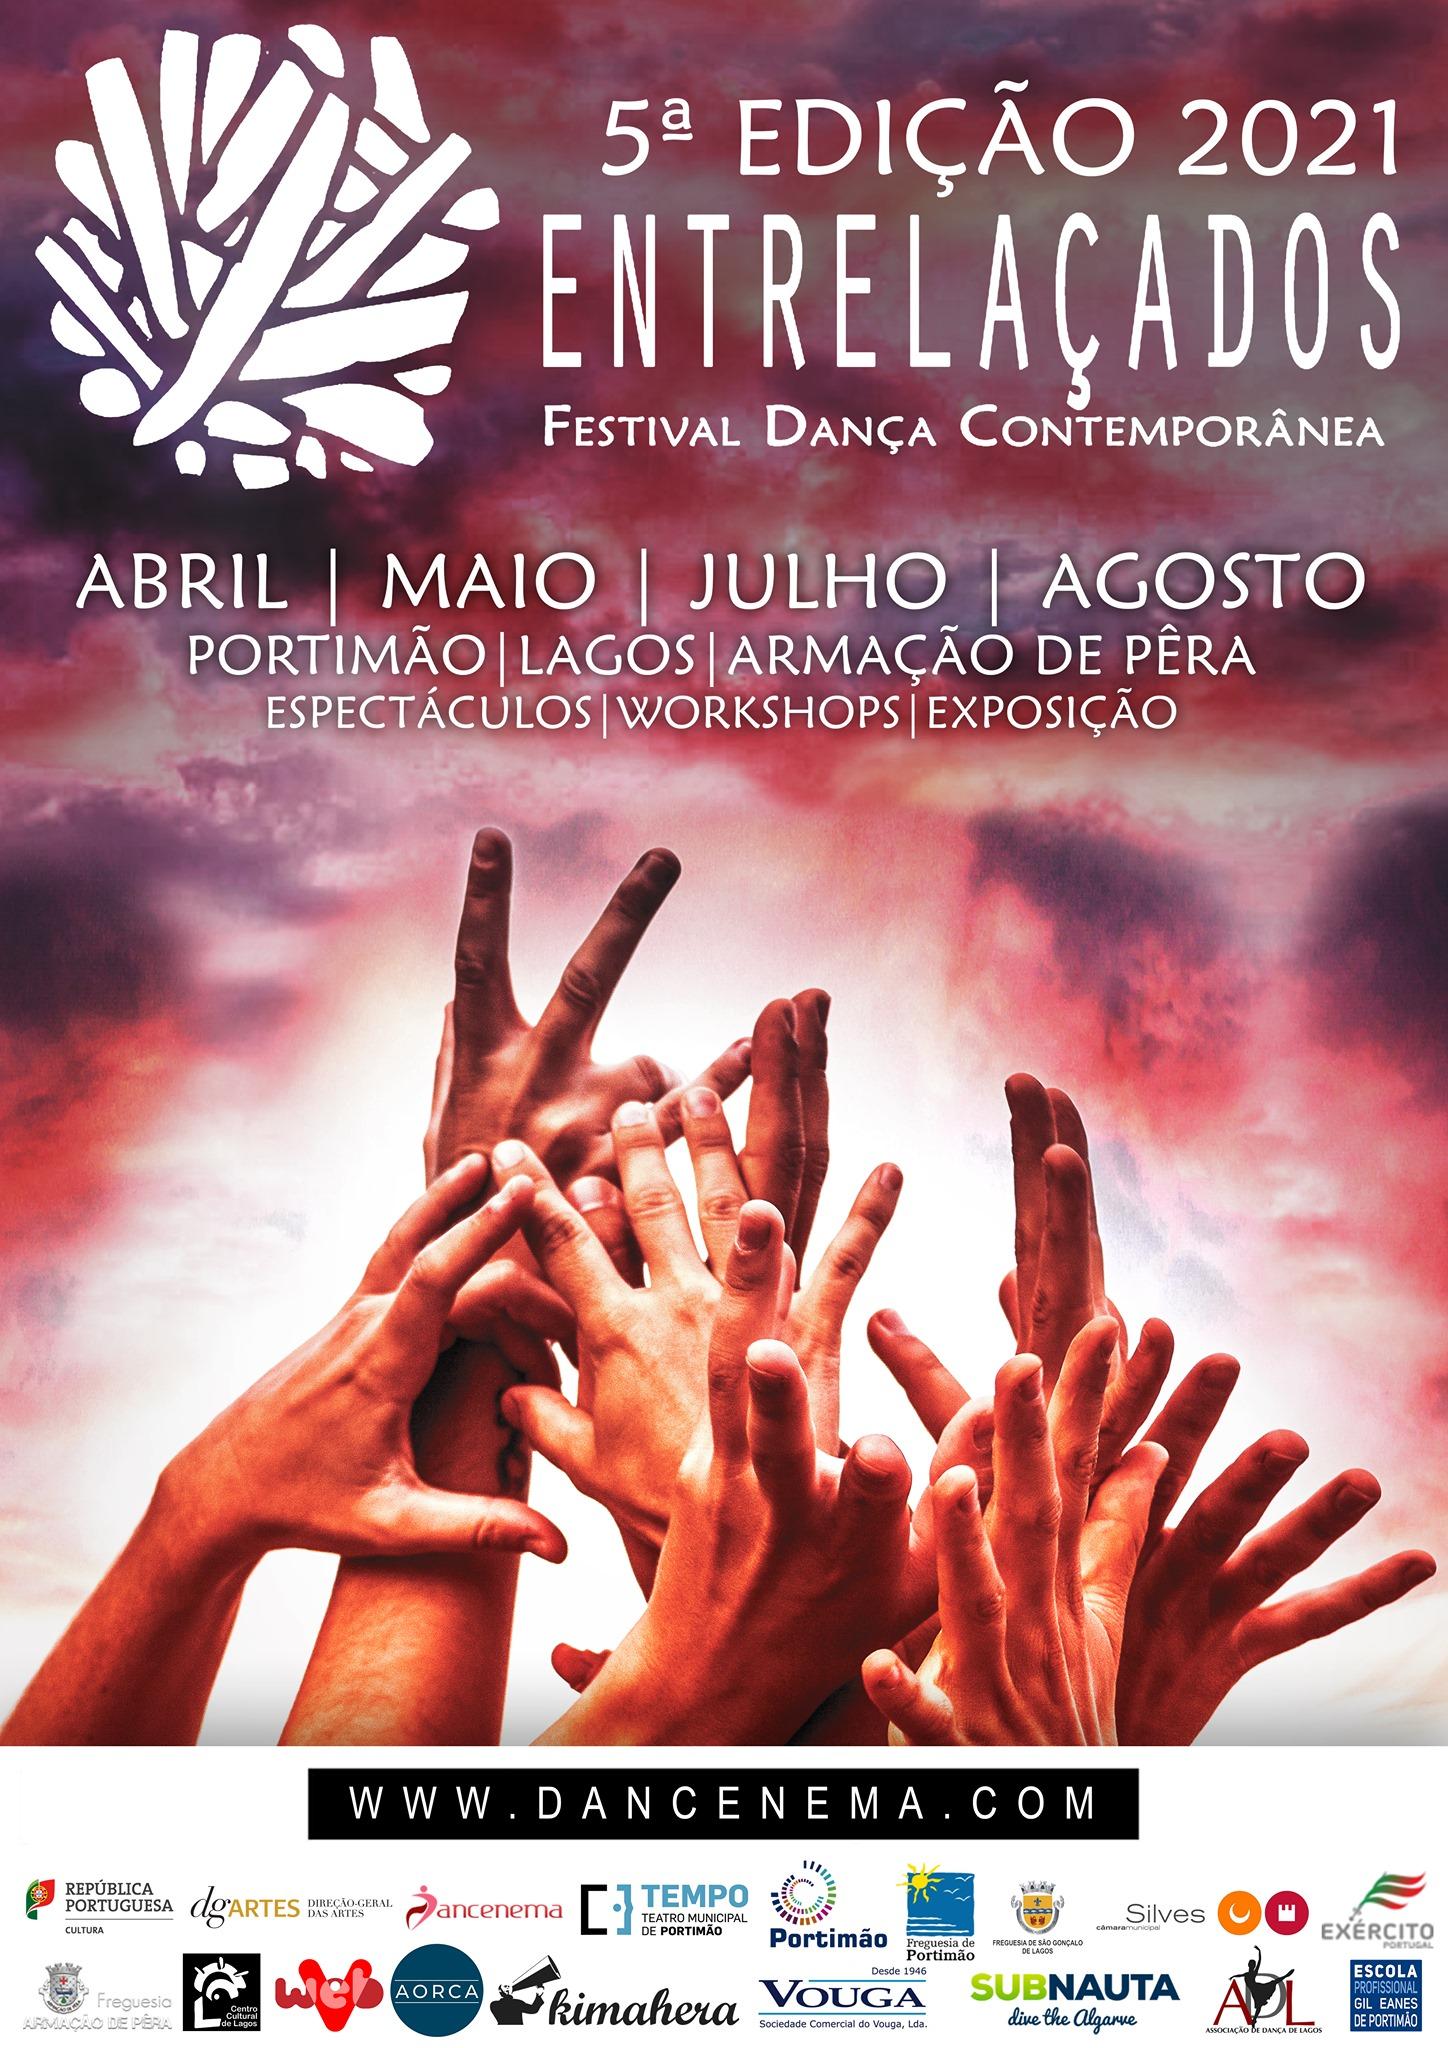 PARTE I - 5ª EDIÇÃO FESTIVAL ENTRELAÇADOS - REAGENDAMENTO